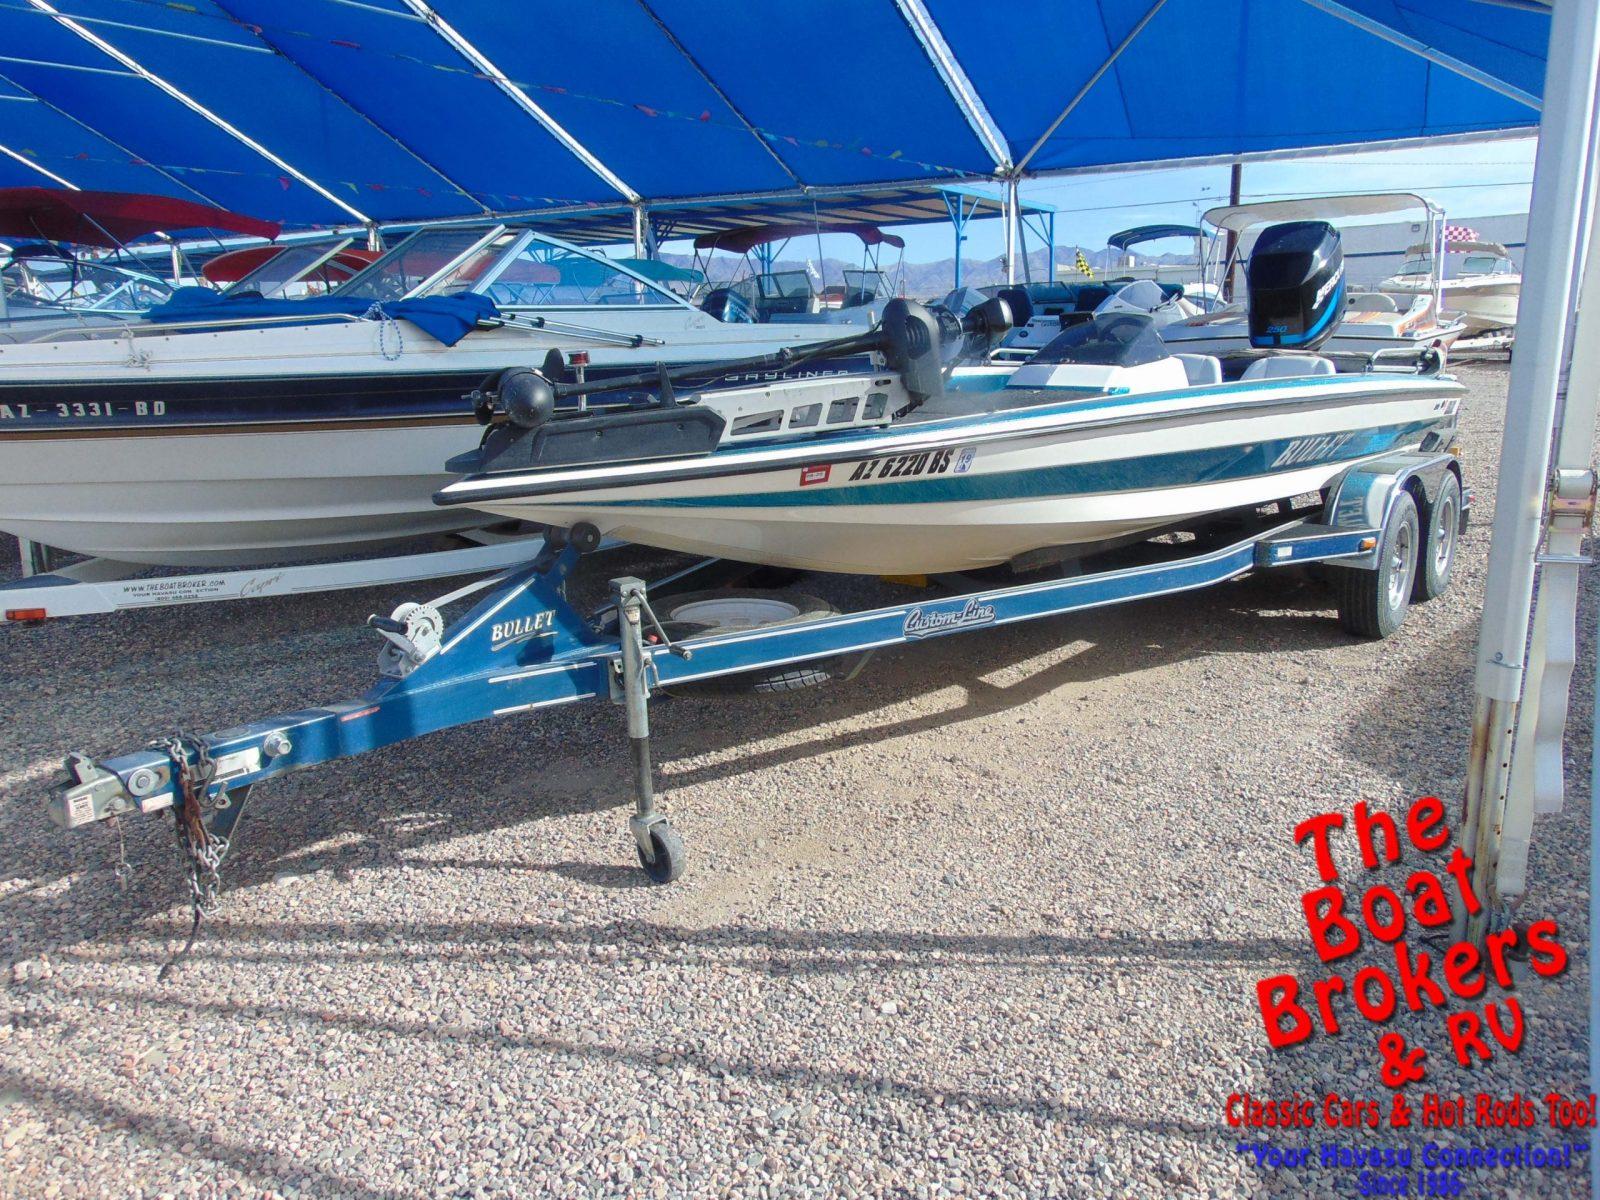 Bullet 20 CC Fishing Boat